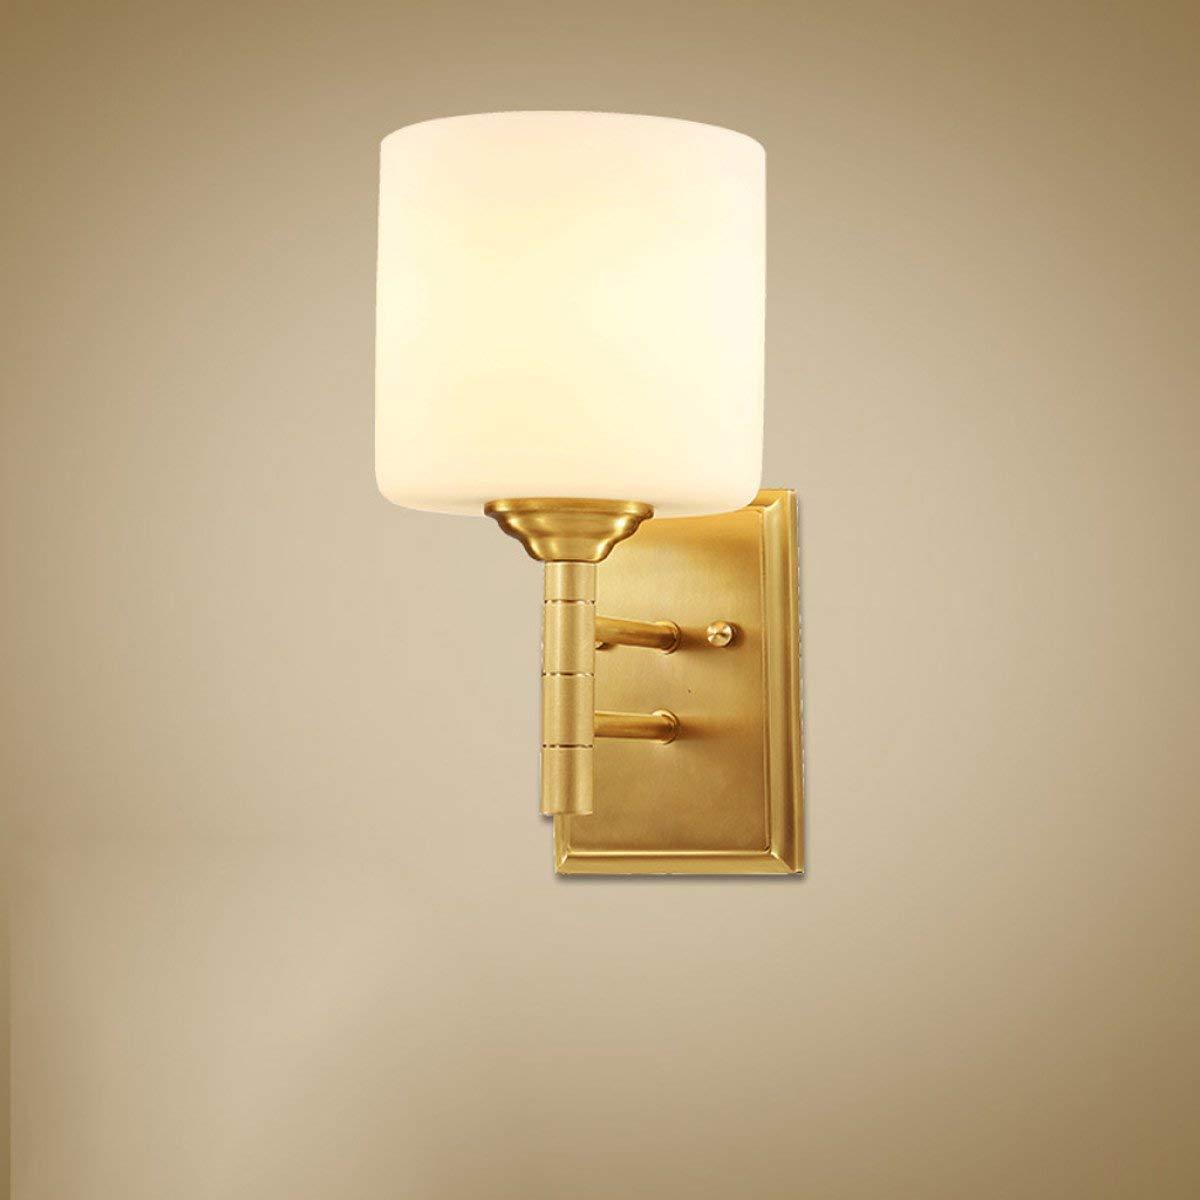 JJD アメリカのフル銅ウォールランプリビングルームのウォールランプ寝室のウォールランプ通路ウォールランプE27光源   B07S9KV8F3